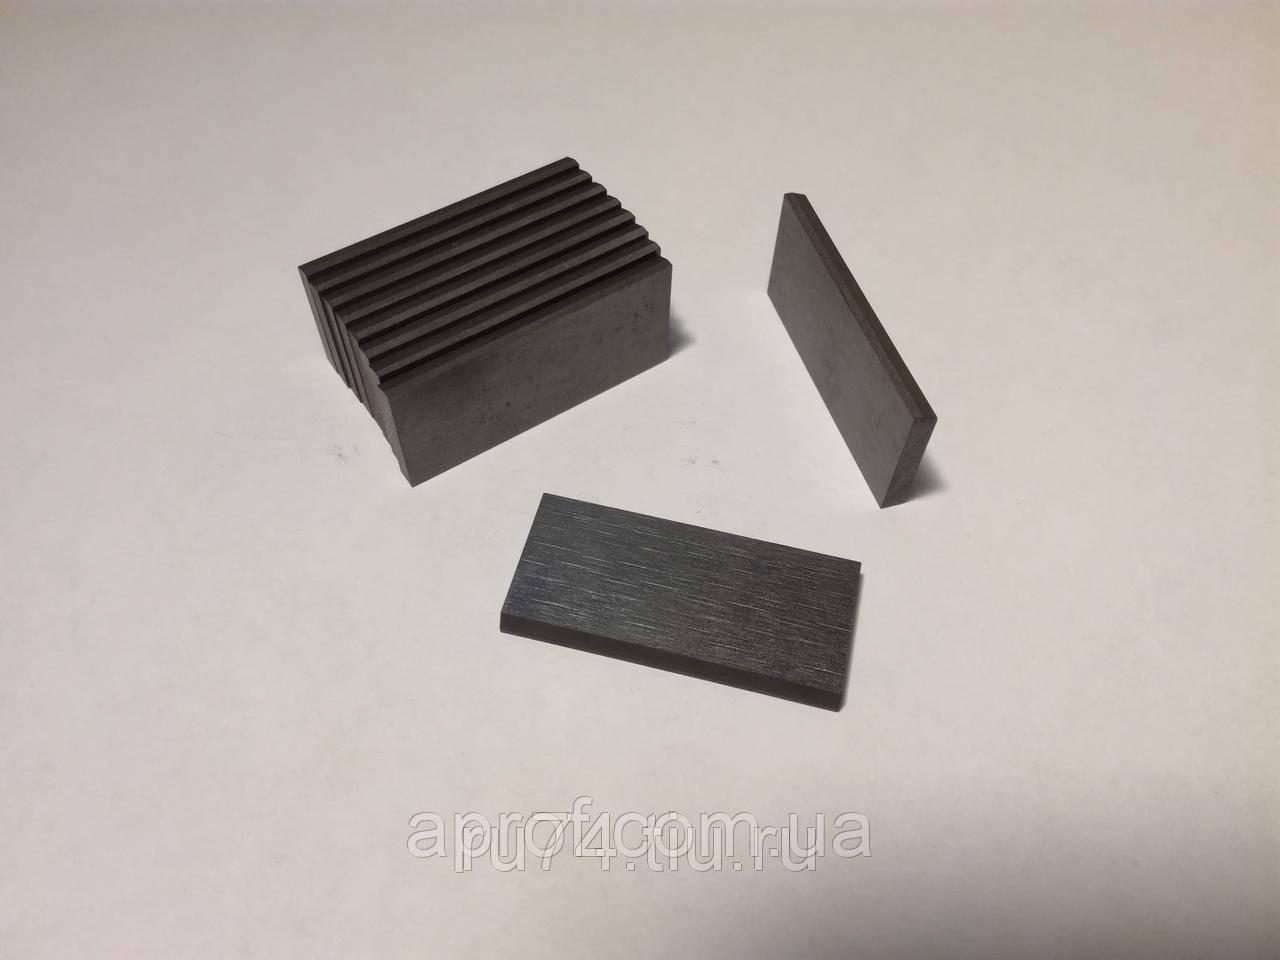 Лопатки графитовые (70х45х5,0 мм) для доильного аппарата Буренка, Березка, комплект - 4 шт